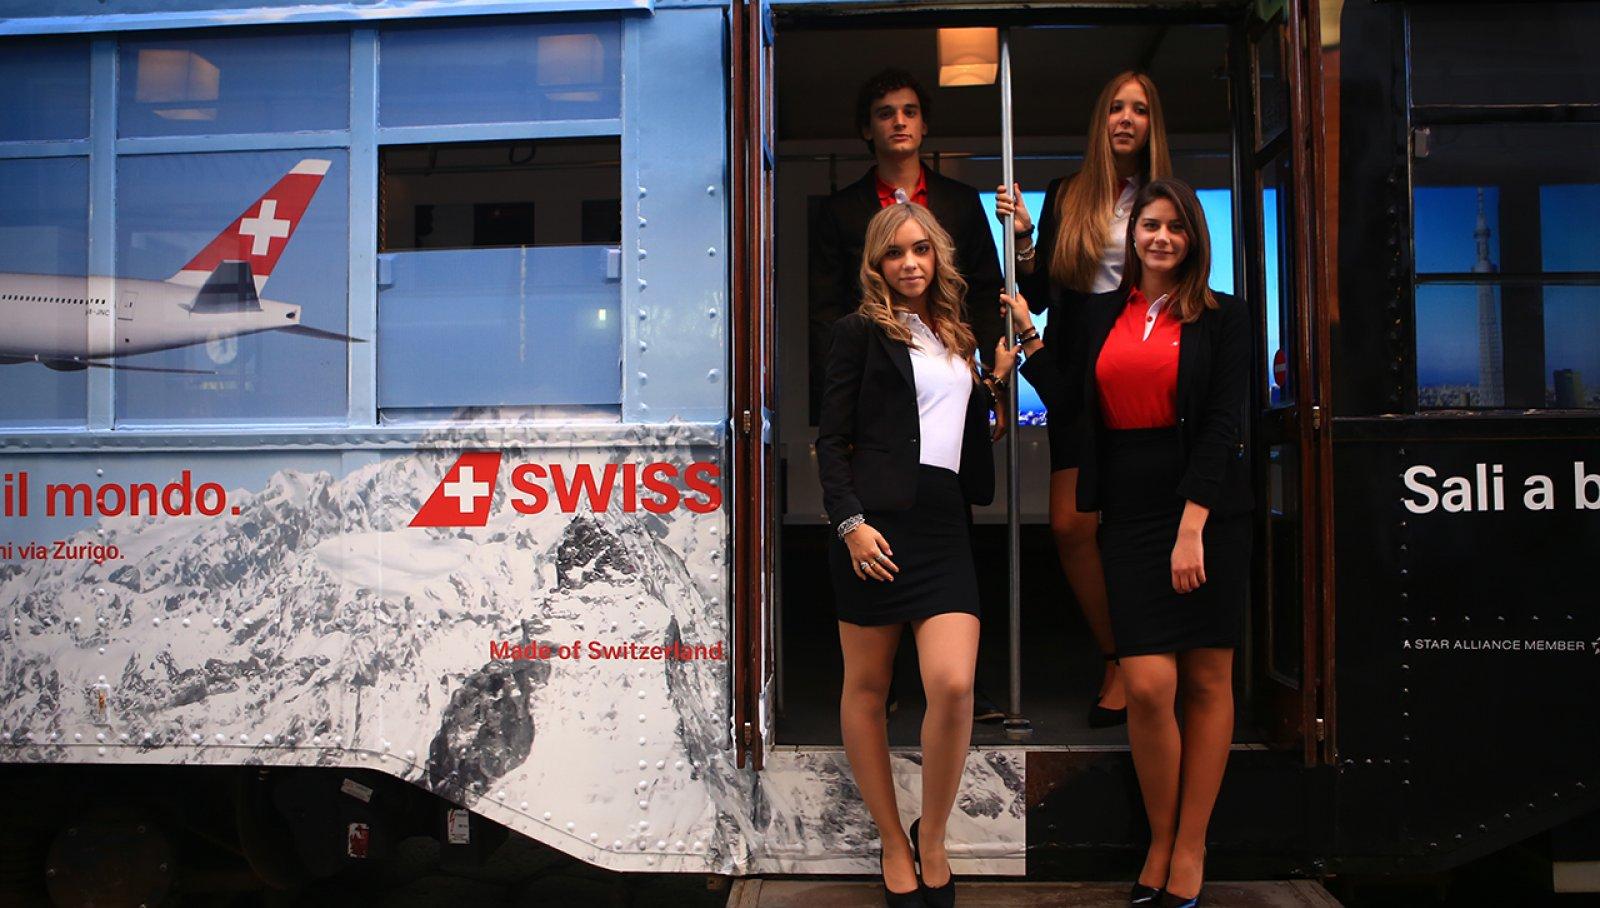 Pubblicità sui tram IGPDecaux tram speciale per Swiss International Airlines a Milano